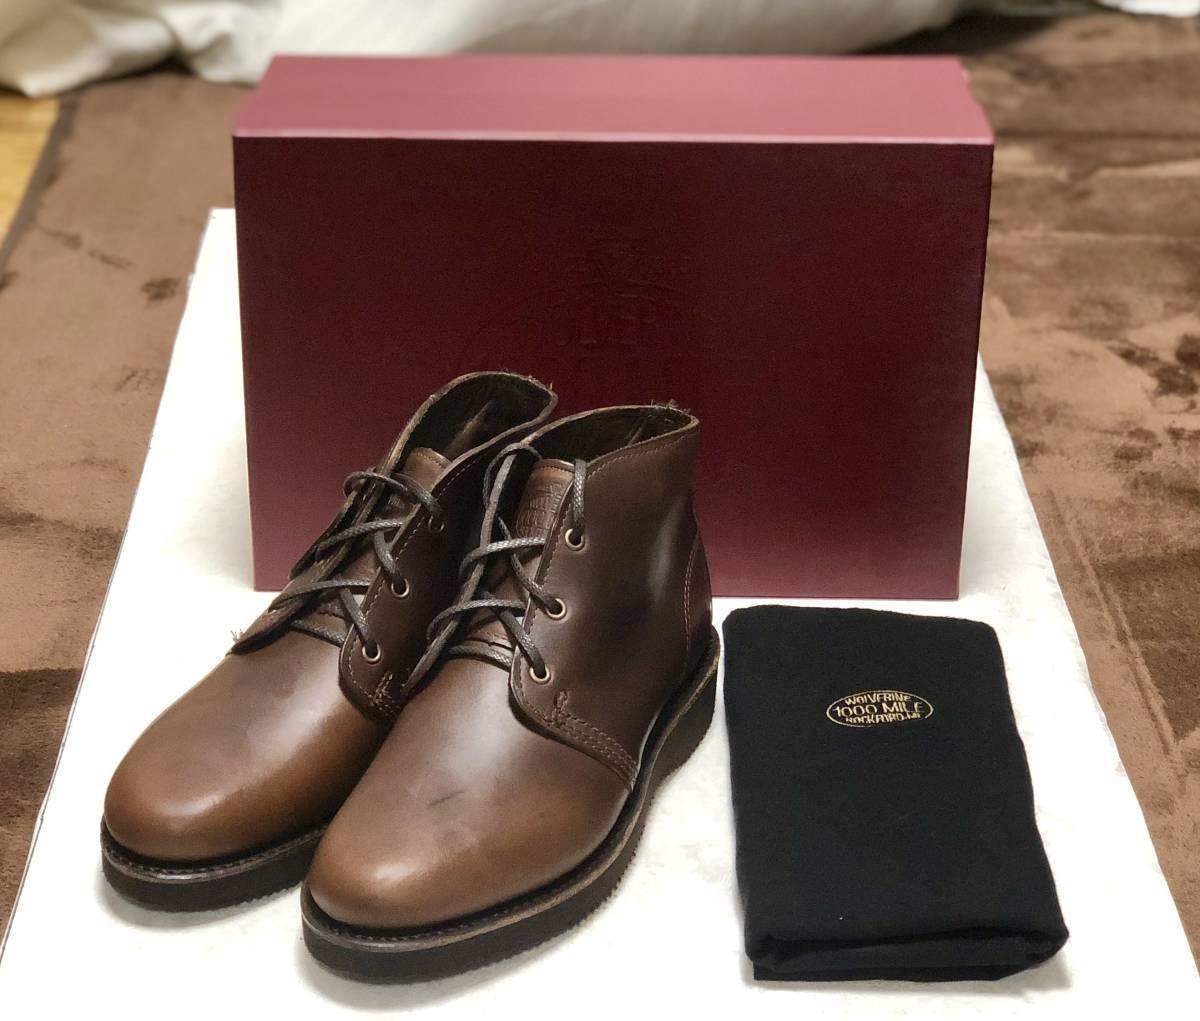 ★新品★ 高額モデル!! ウルヴァリン 1000マイル PALMER 25.5cm 7.5D / WOLVERINE ブーツ 靴 送料無料 メンズ W40200 016